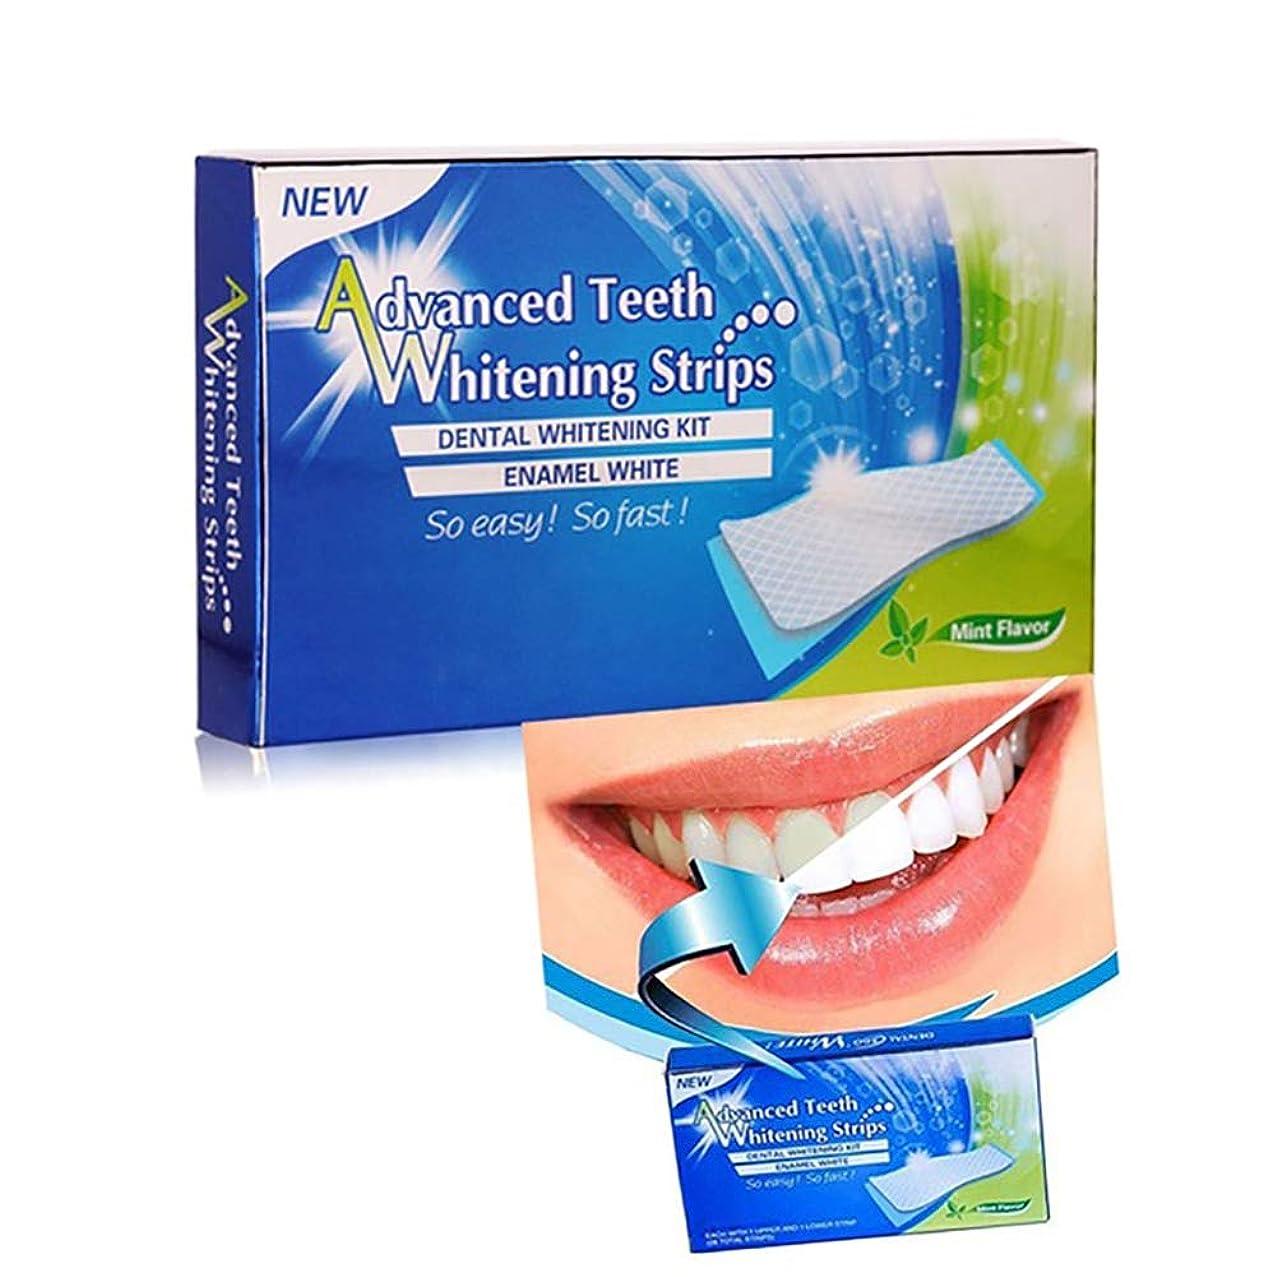 薬局遺伝的くそー口腔洗浄器3Dホワイトニング歯磨き粉セット、28回